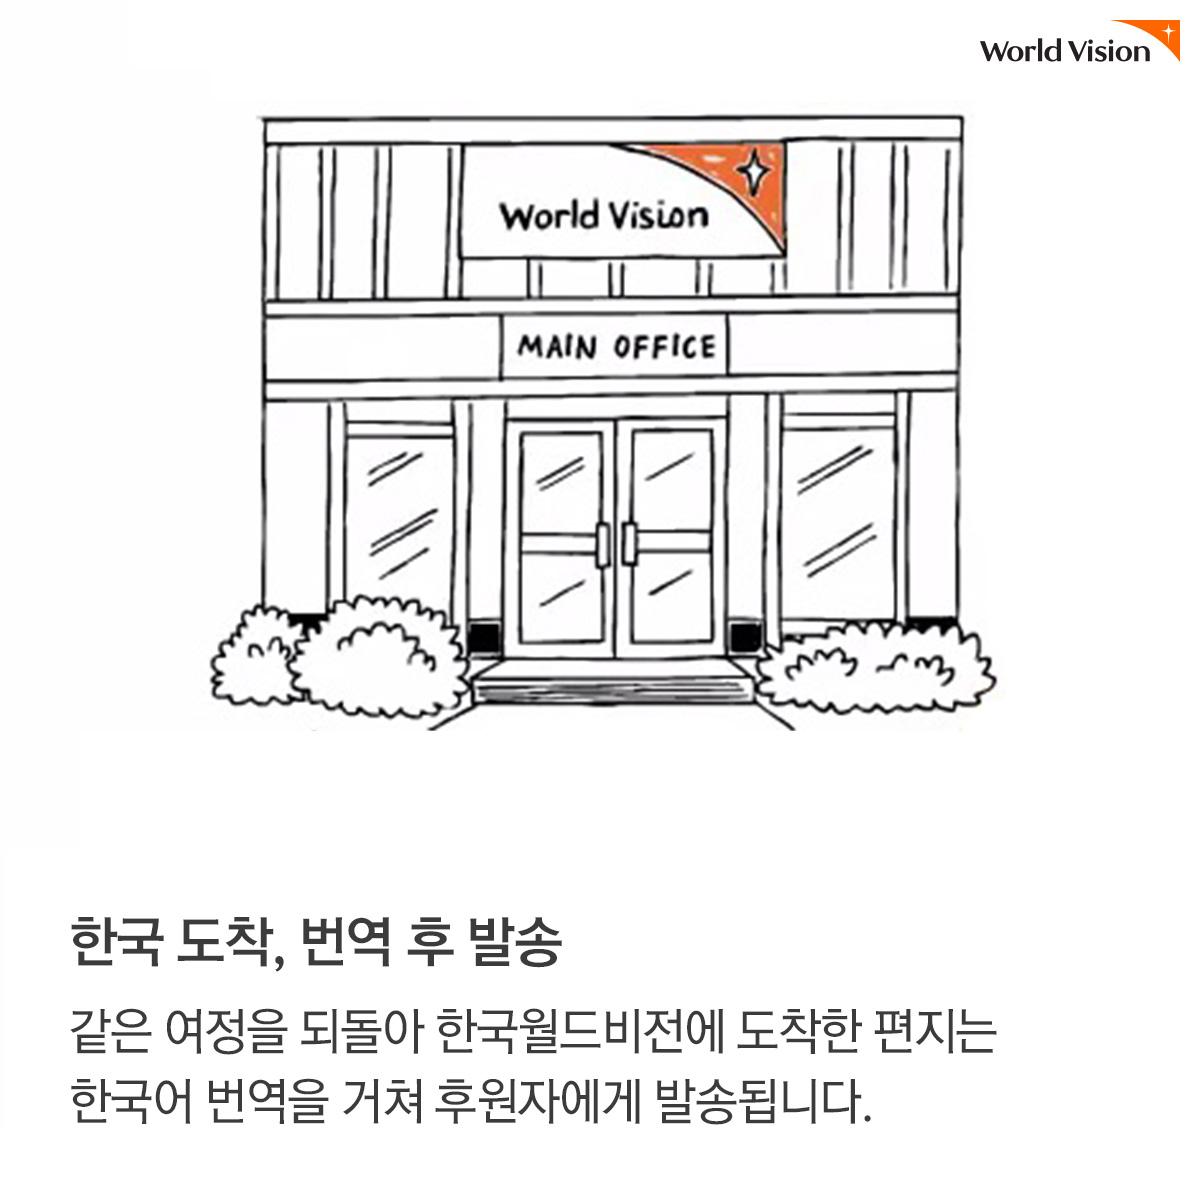 한국 도착, 번역 후 발송:같은 여정을 되돌아 한국월드비전에 도착한 편지는 한국어 번역을 거쳐 후원자에게 발송됩니다.